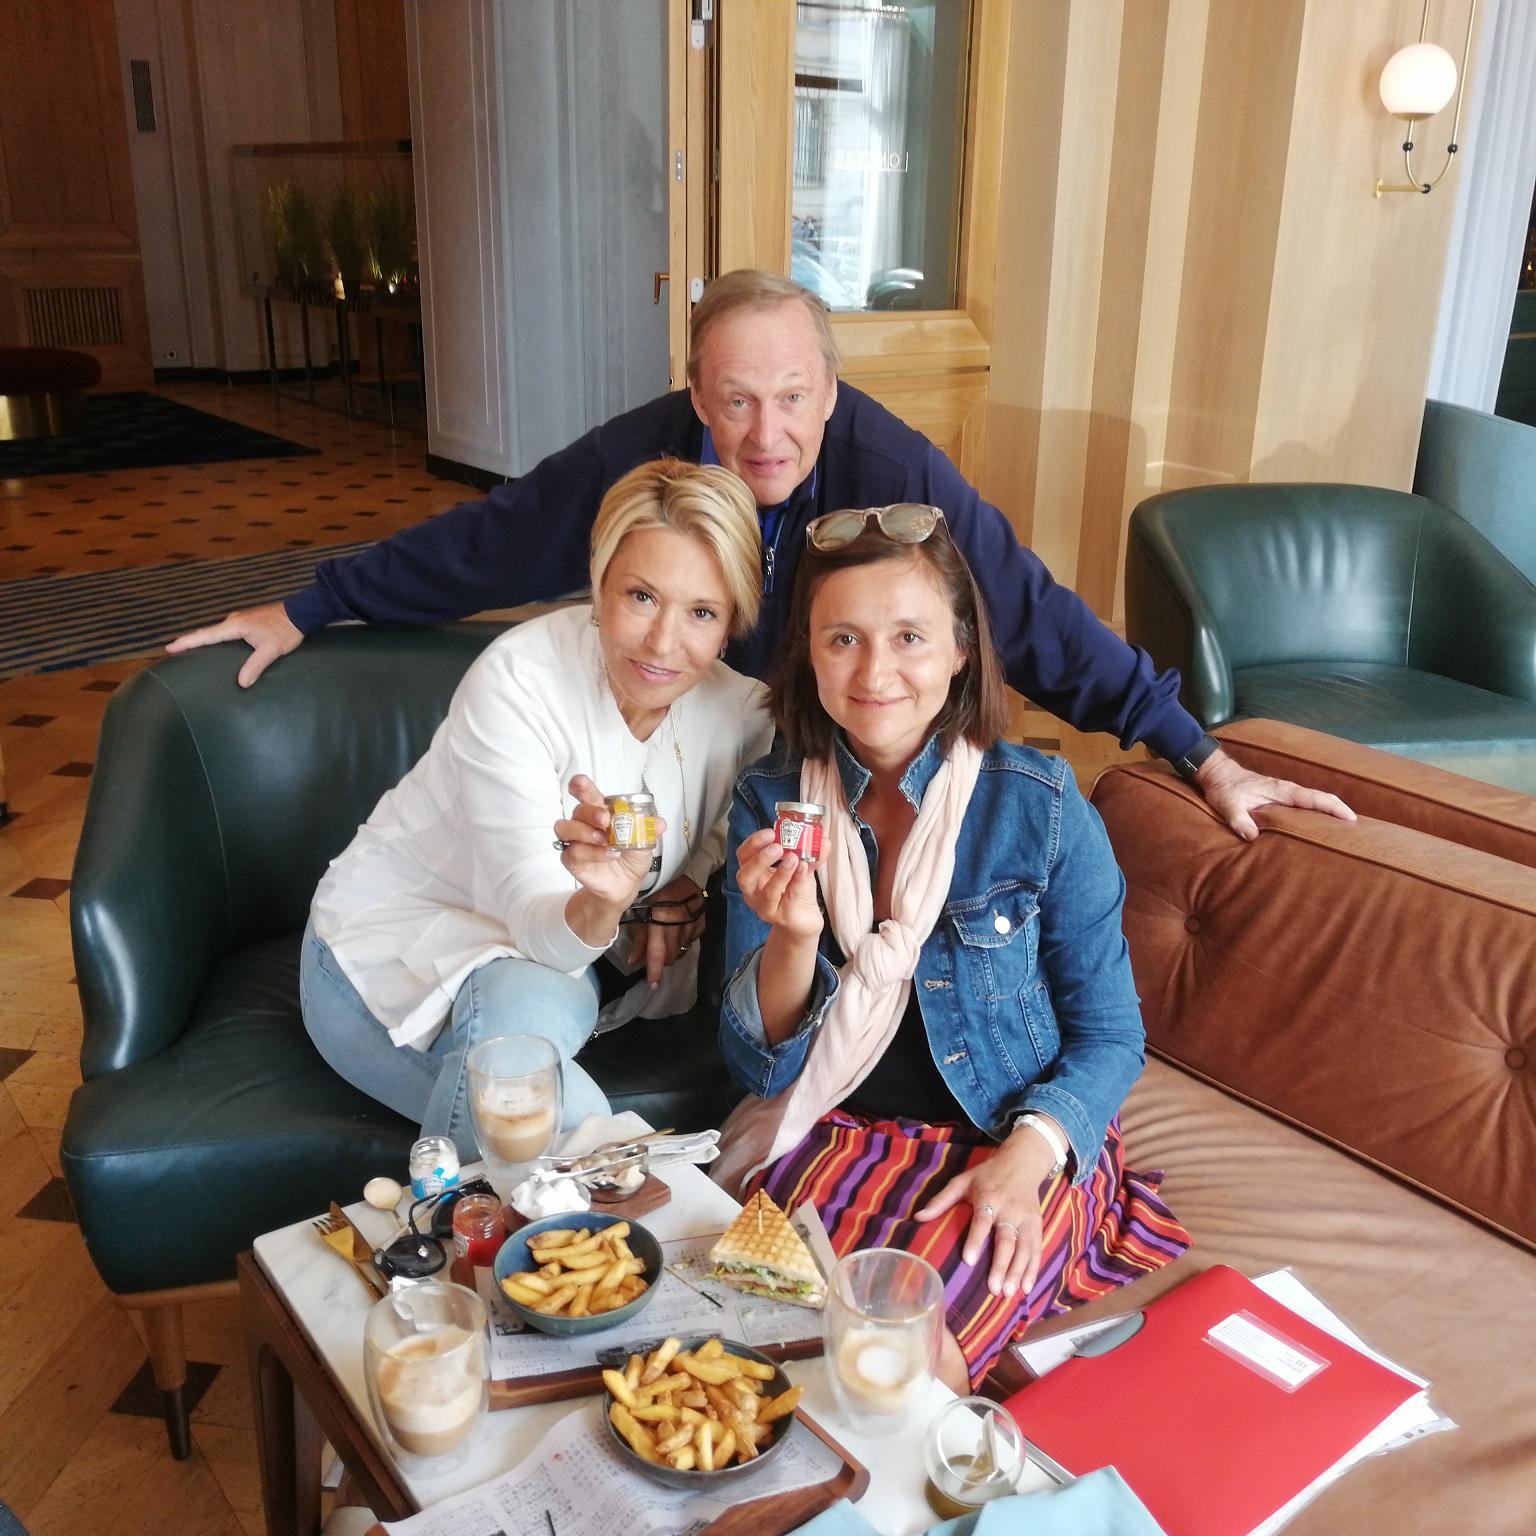 Step in Warsaw - Stadtführerin in Warschau. Eine kurze Pause während der Städtereise für Kaffee und Snack mit Heinz Produkten im Hotel Raffles Europejski Warsaw. Meine Touristen sind nach Warschau aus den USA, aus Pennsylvania gekommen. Das Heinz-Unternehmen wurde auch in Pennsylvania, in der Stadt Pittsburgh gegründet. Warschau, 13.09.2019.